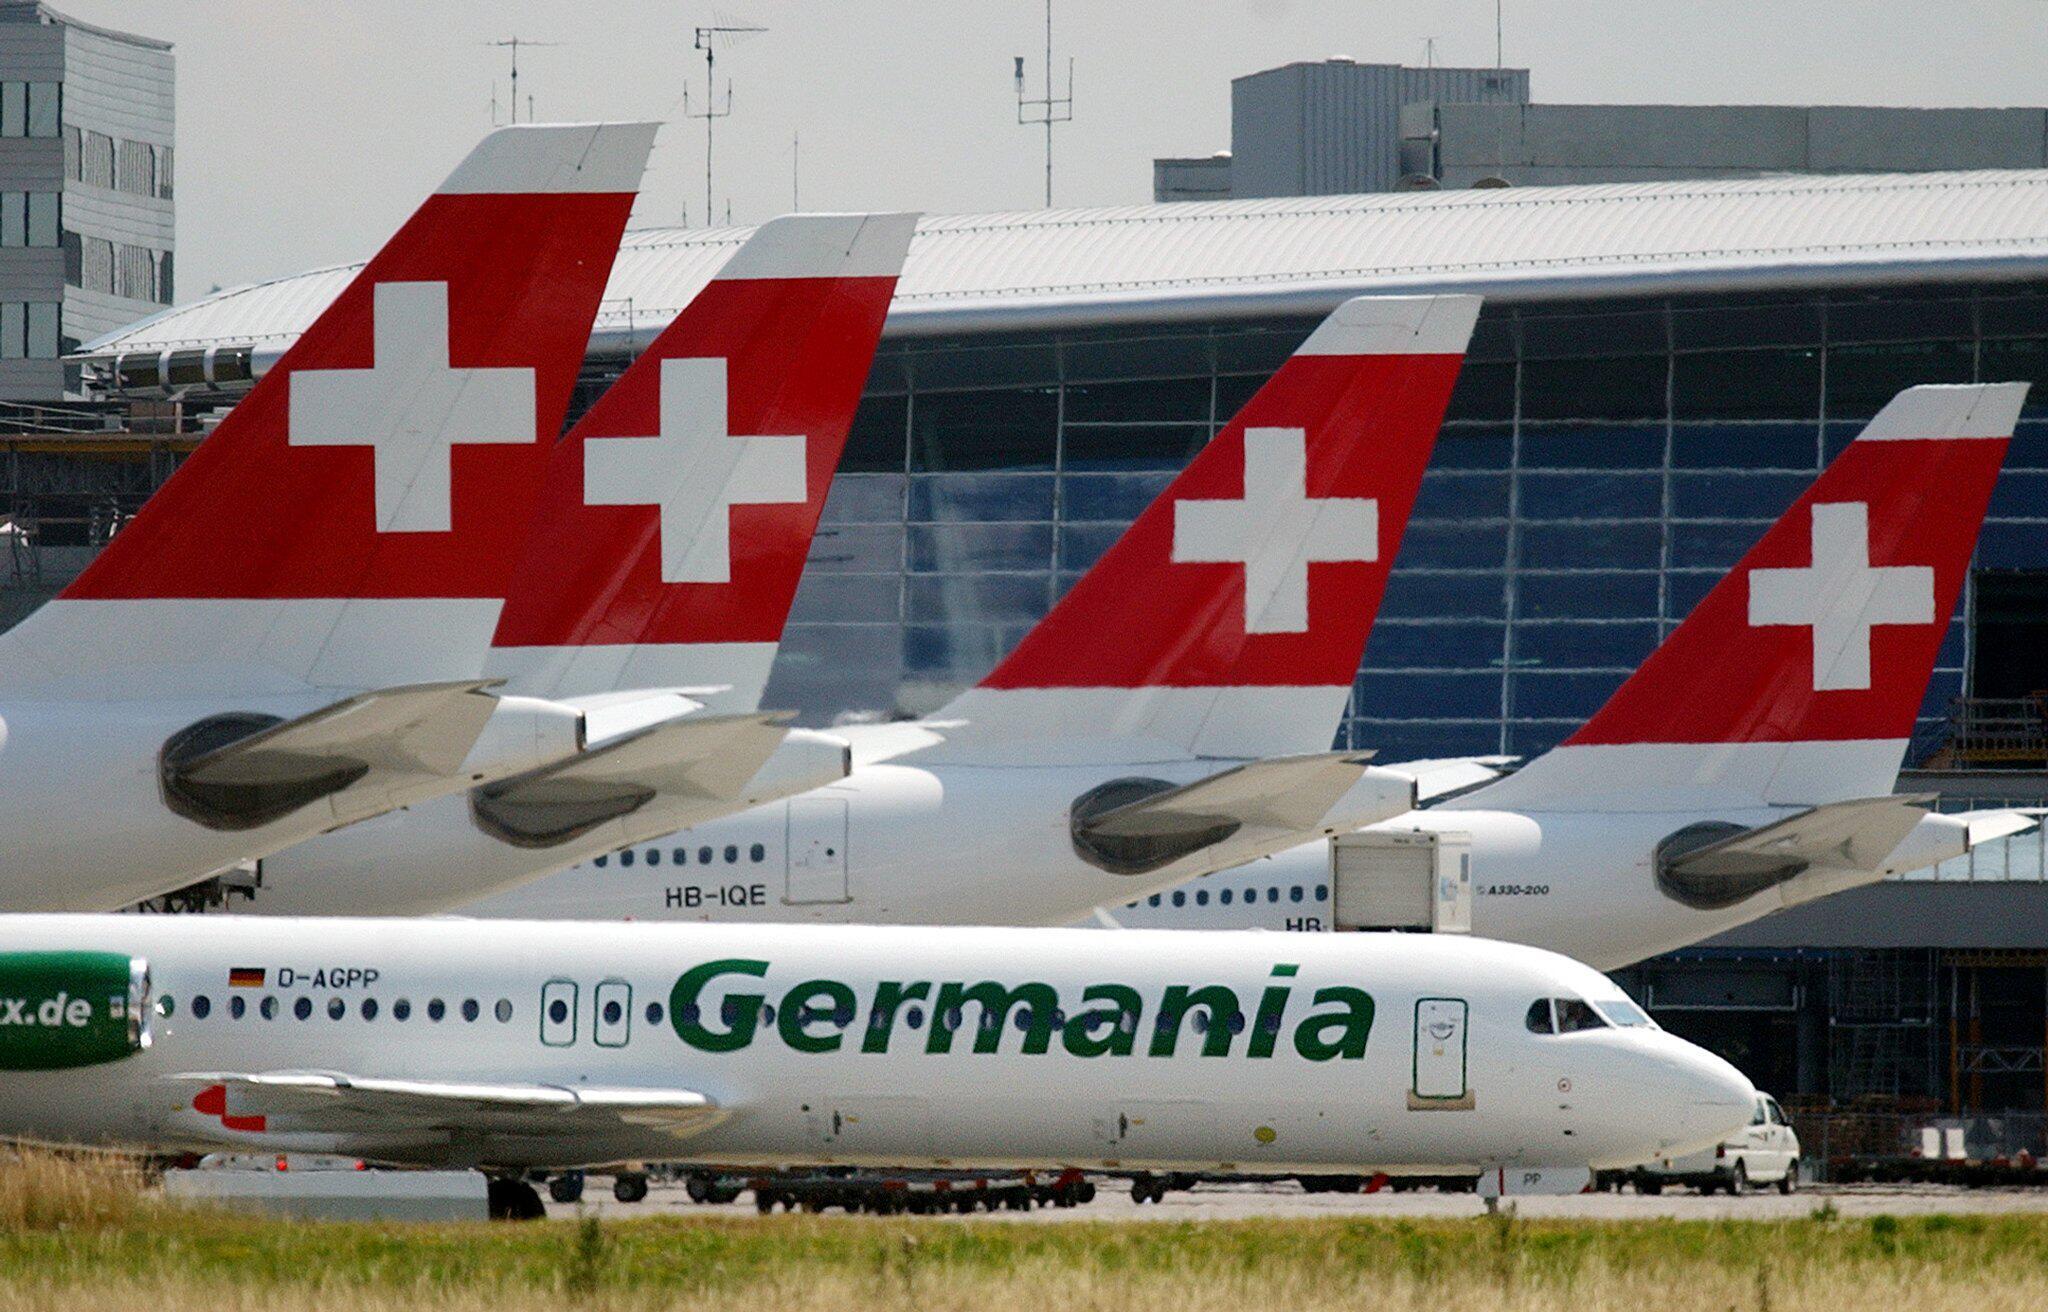 Bild zu Germania, Airline, Fluggesellschaft, Schweiz, Glattbrugg, Zürich